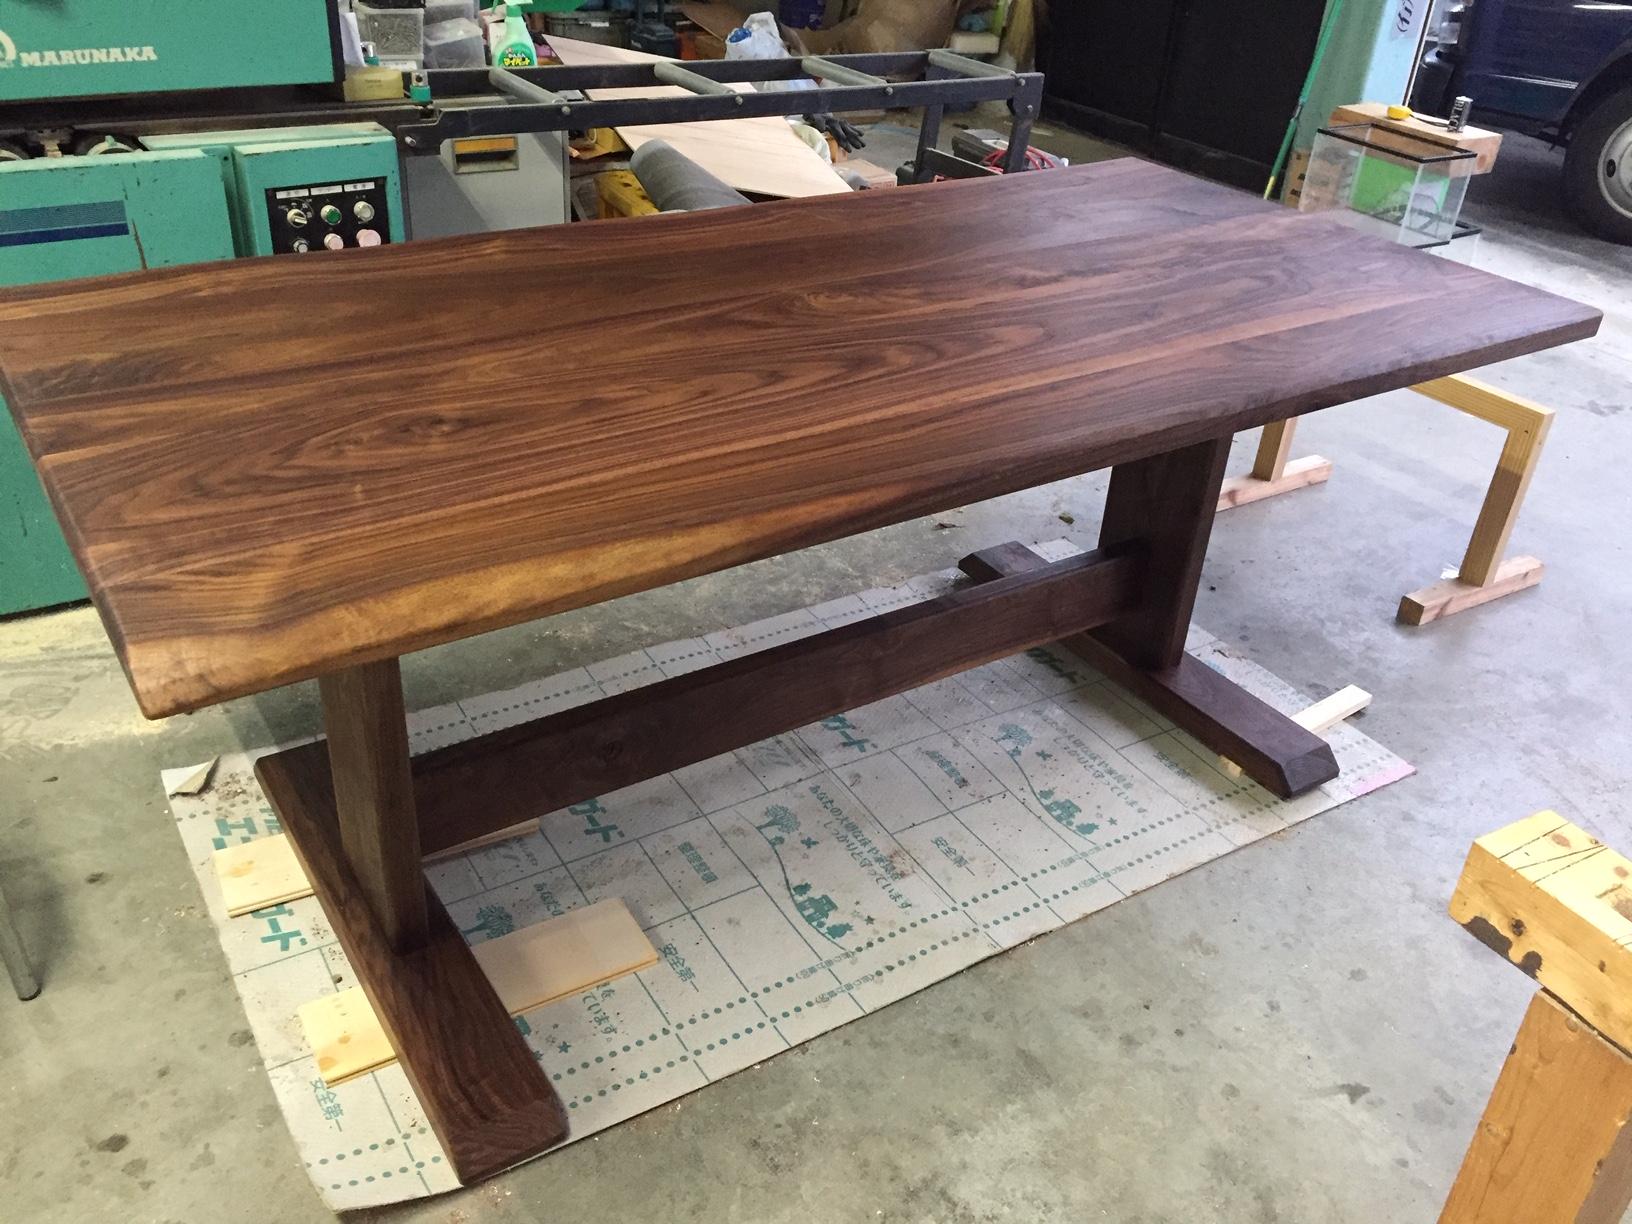 ウォルナットのテーブル2m×1.2m